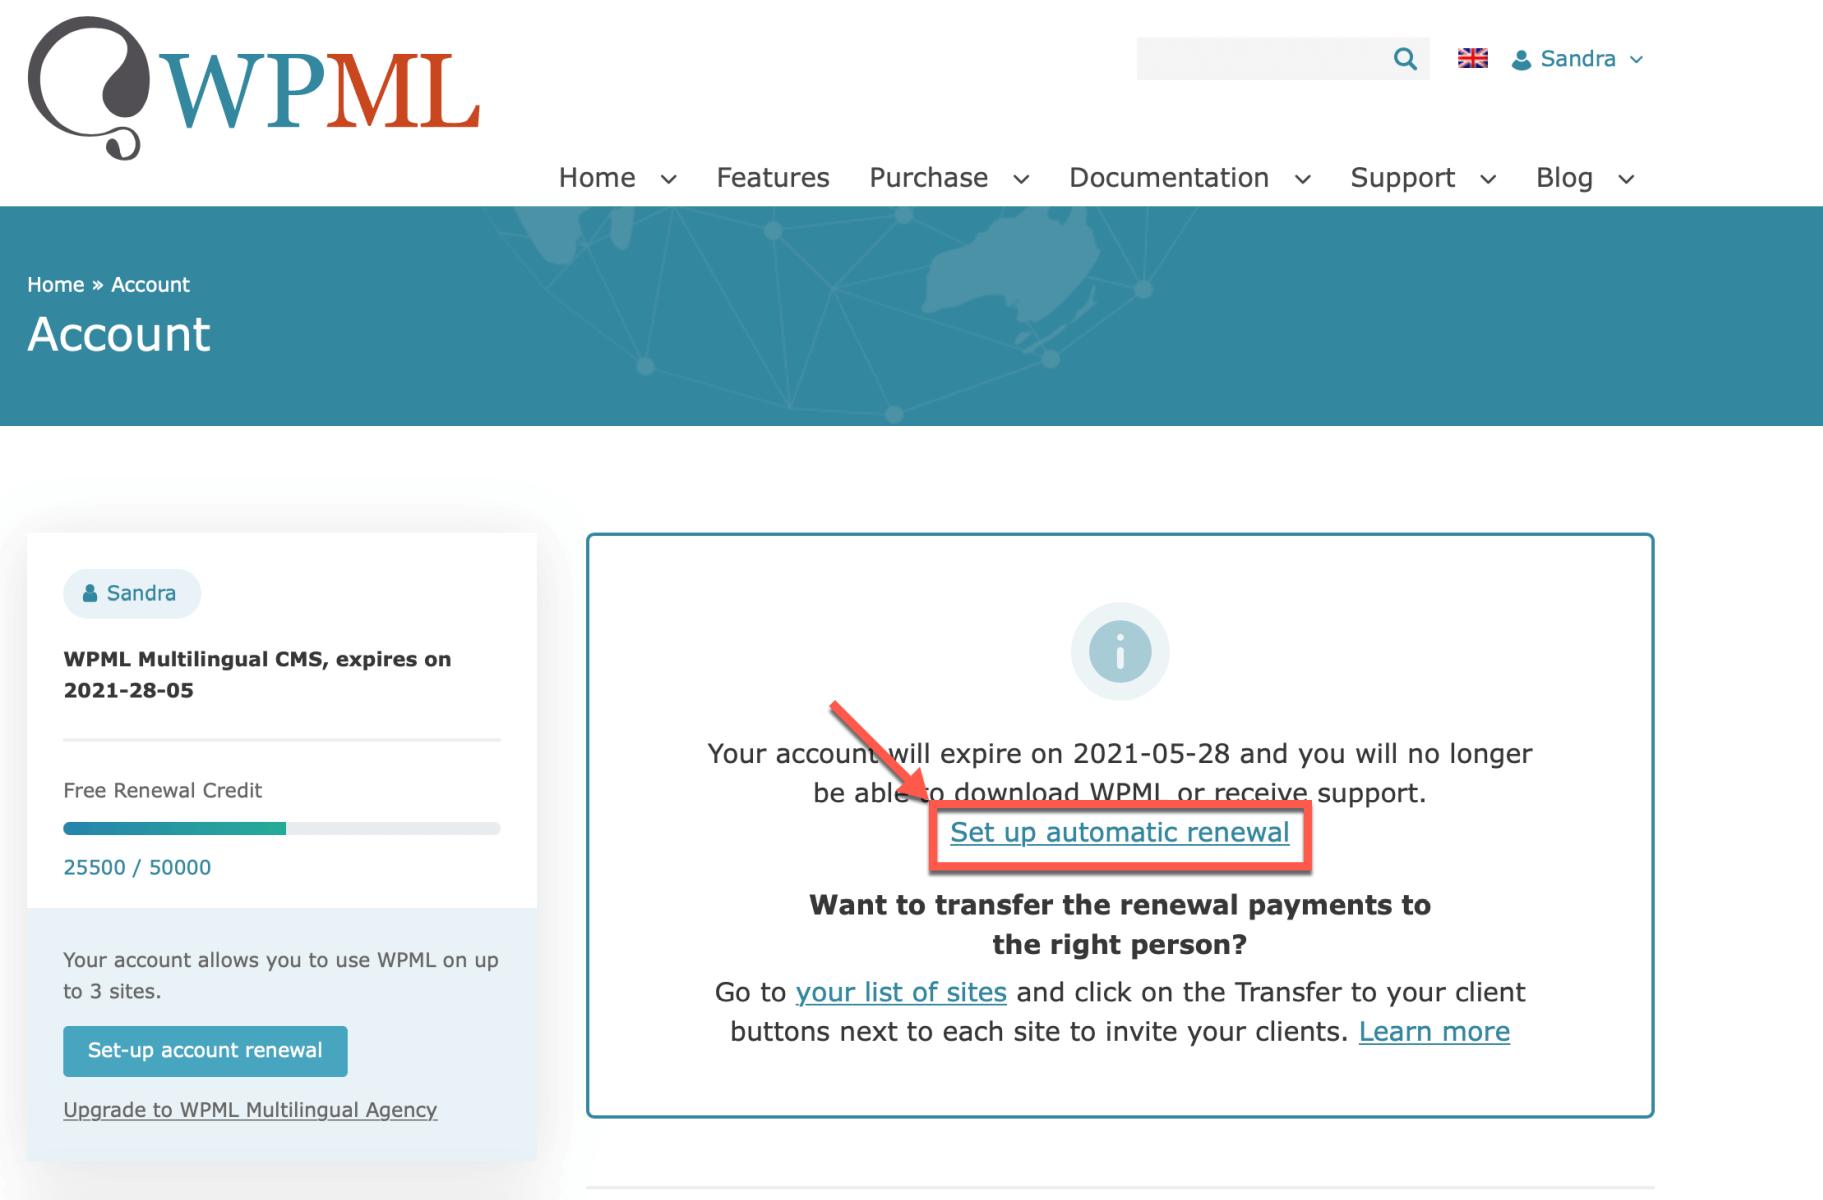 WPML prijsverhoging vermijden door automatisch vernieuwen in te stellen